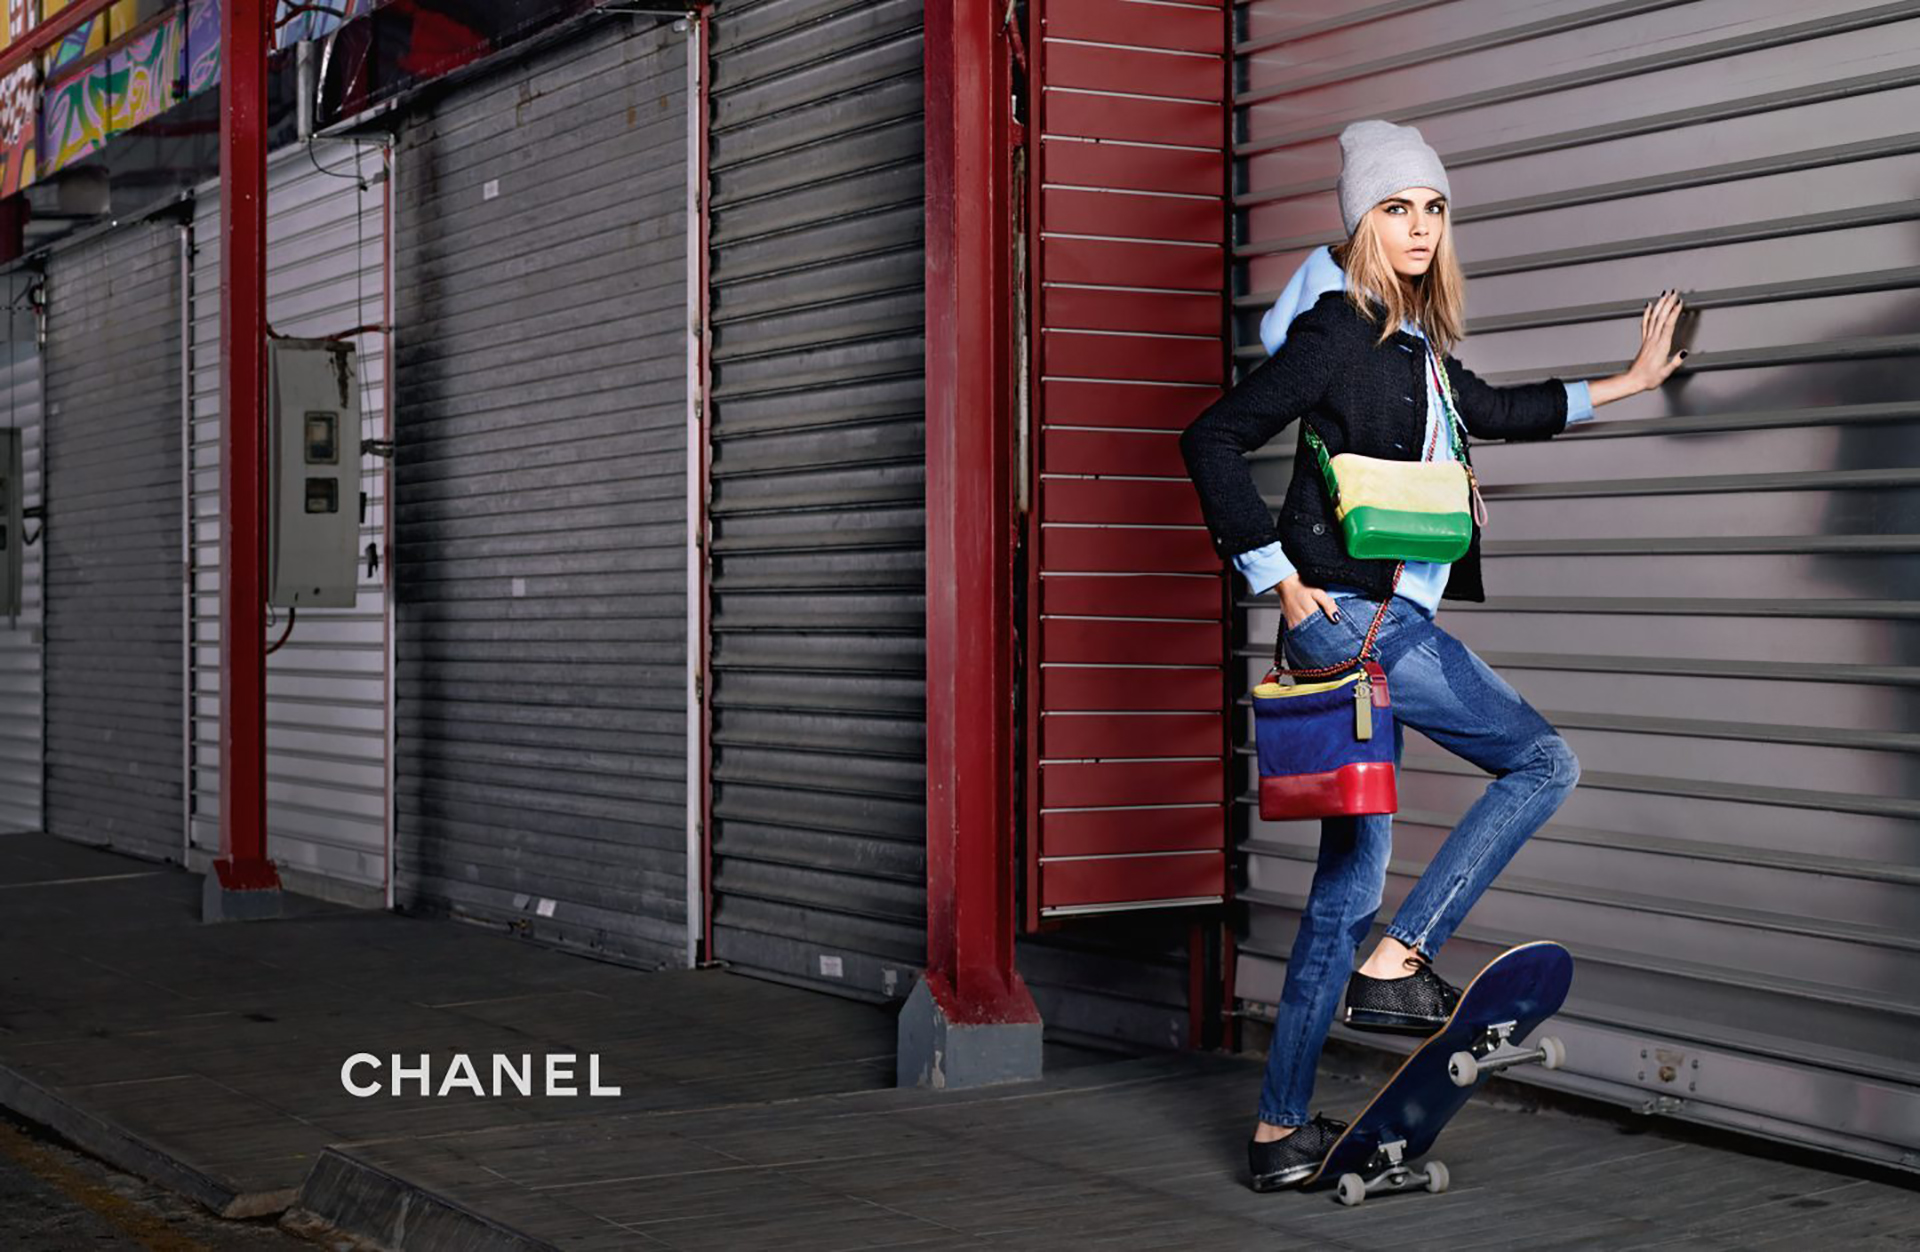 El diseño fue actualizado en 1948, otra vez en los años 80 por Karl Lagerfeld. En 2005, House of Chanel lanzó una réplica del 50 aniversario de la bolsa original.